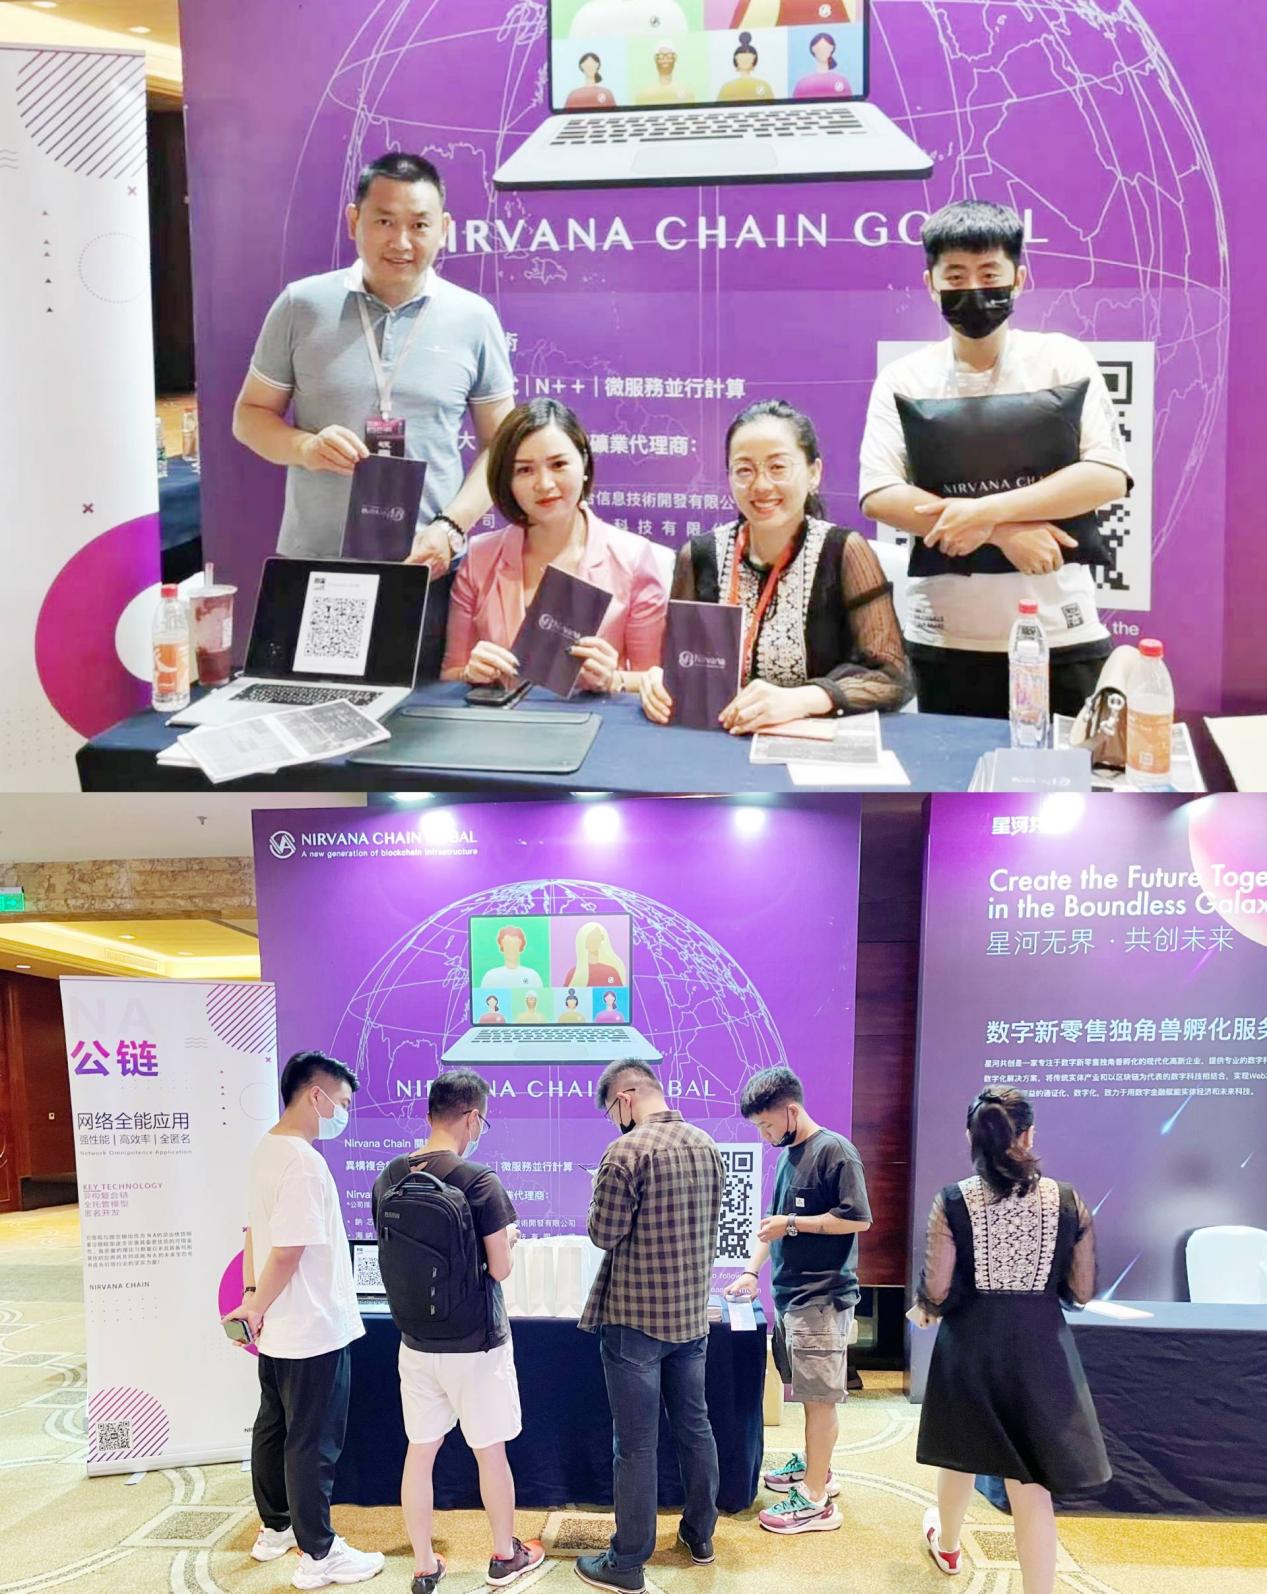 共谋数字赋能   NA(Nirvana)Chain受邀出席观火数字经济千人大会并参展